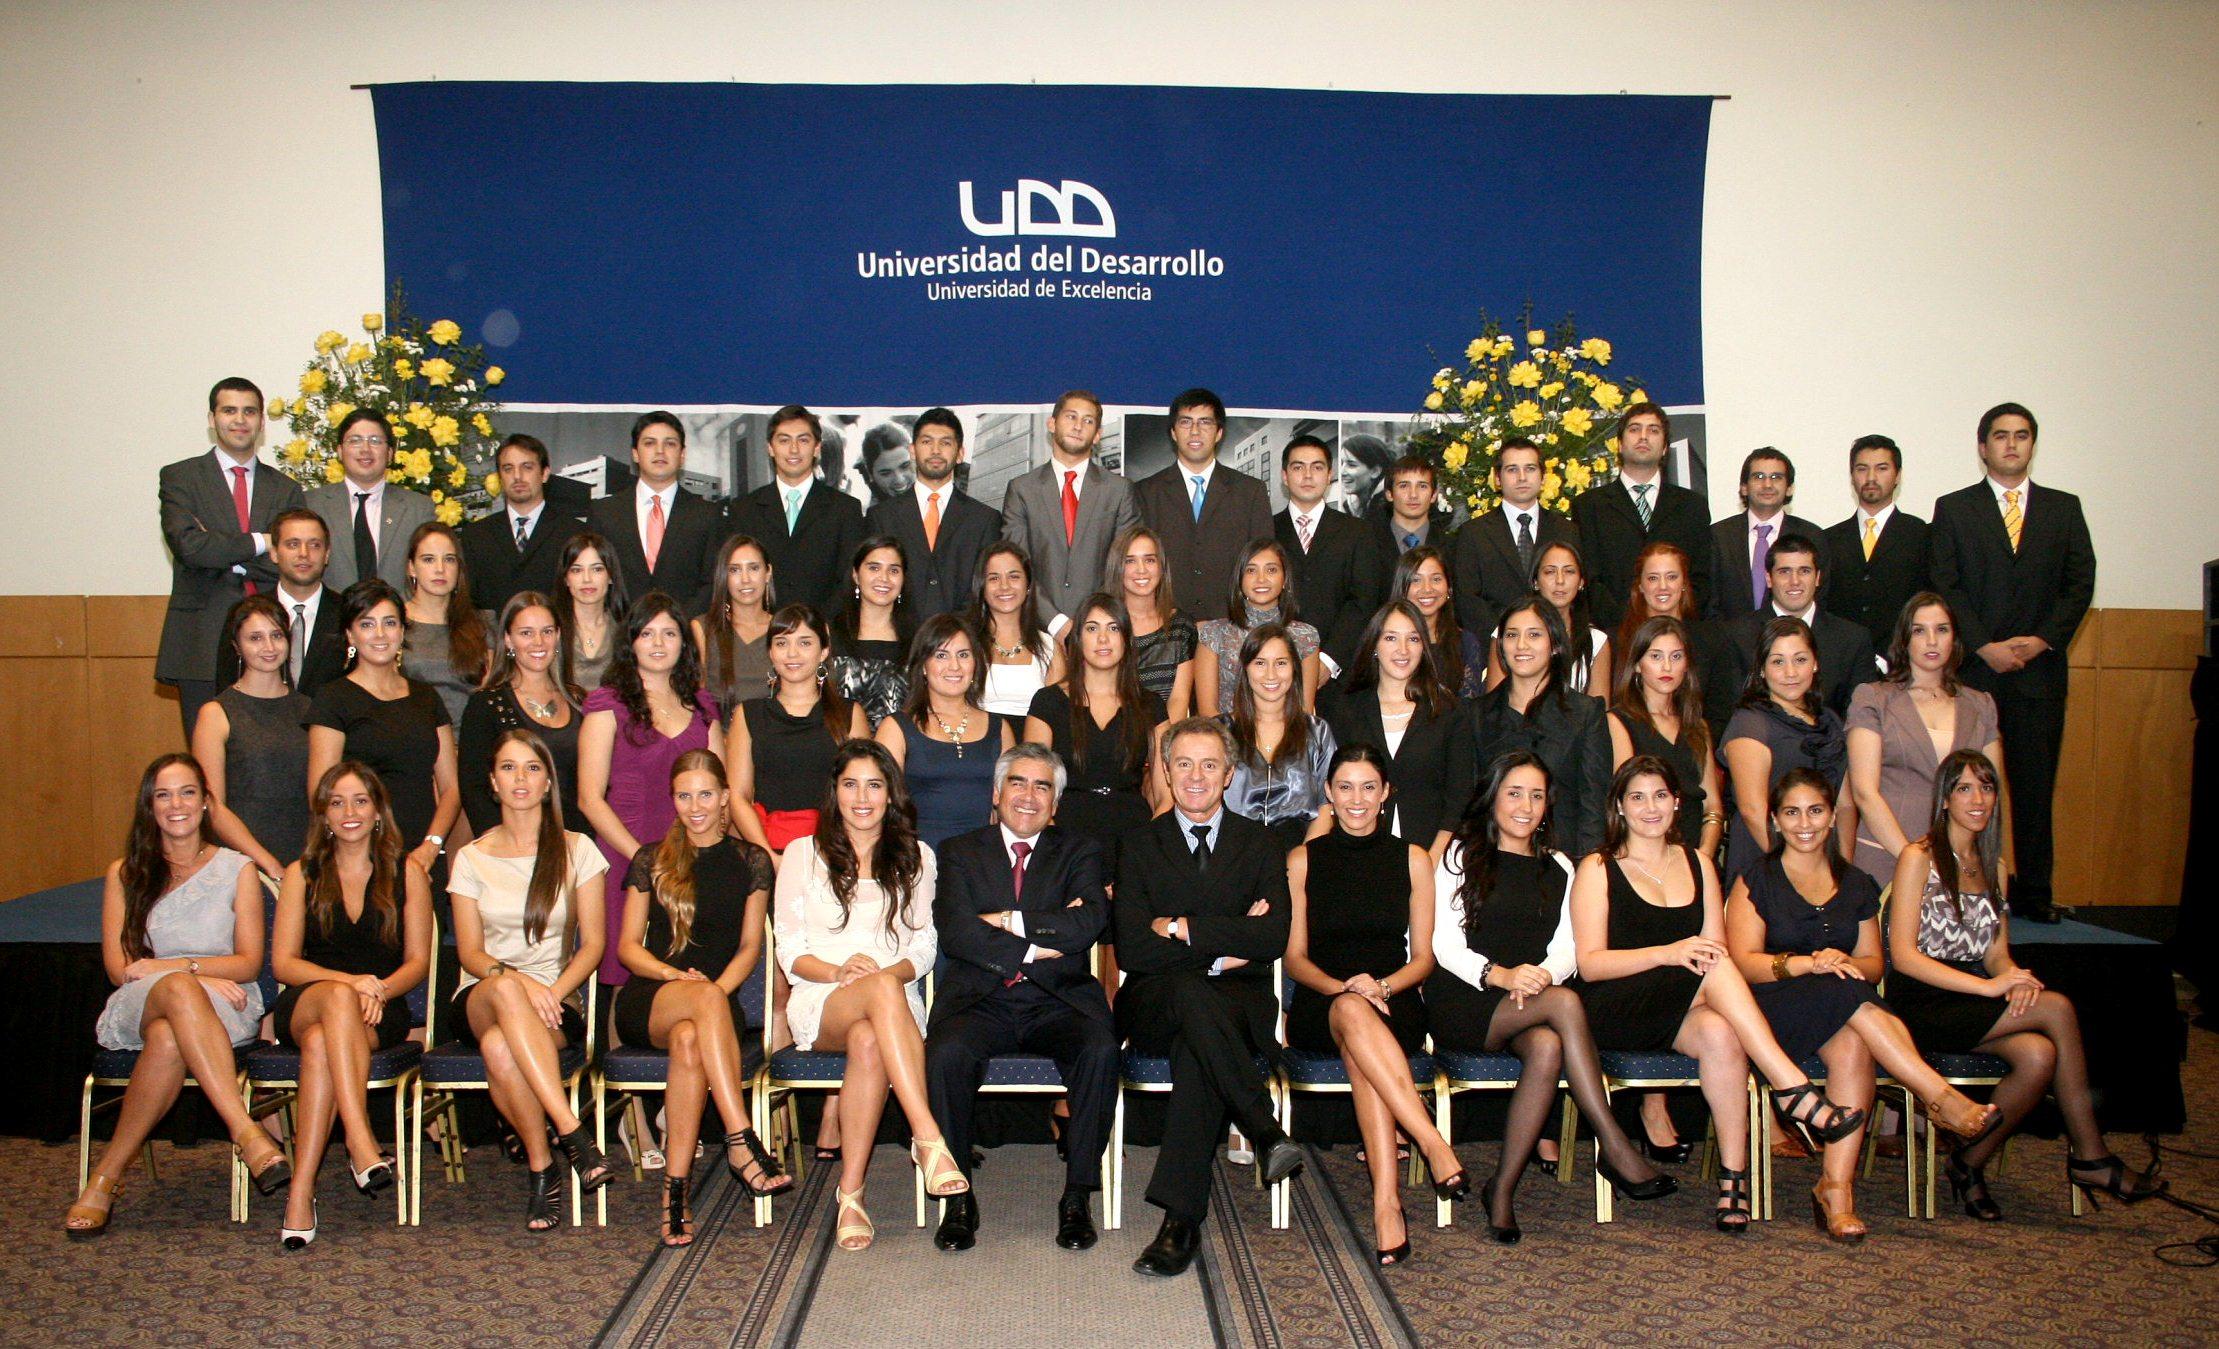 Odontólogos UDD 2012